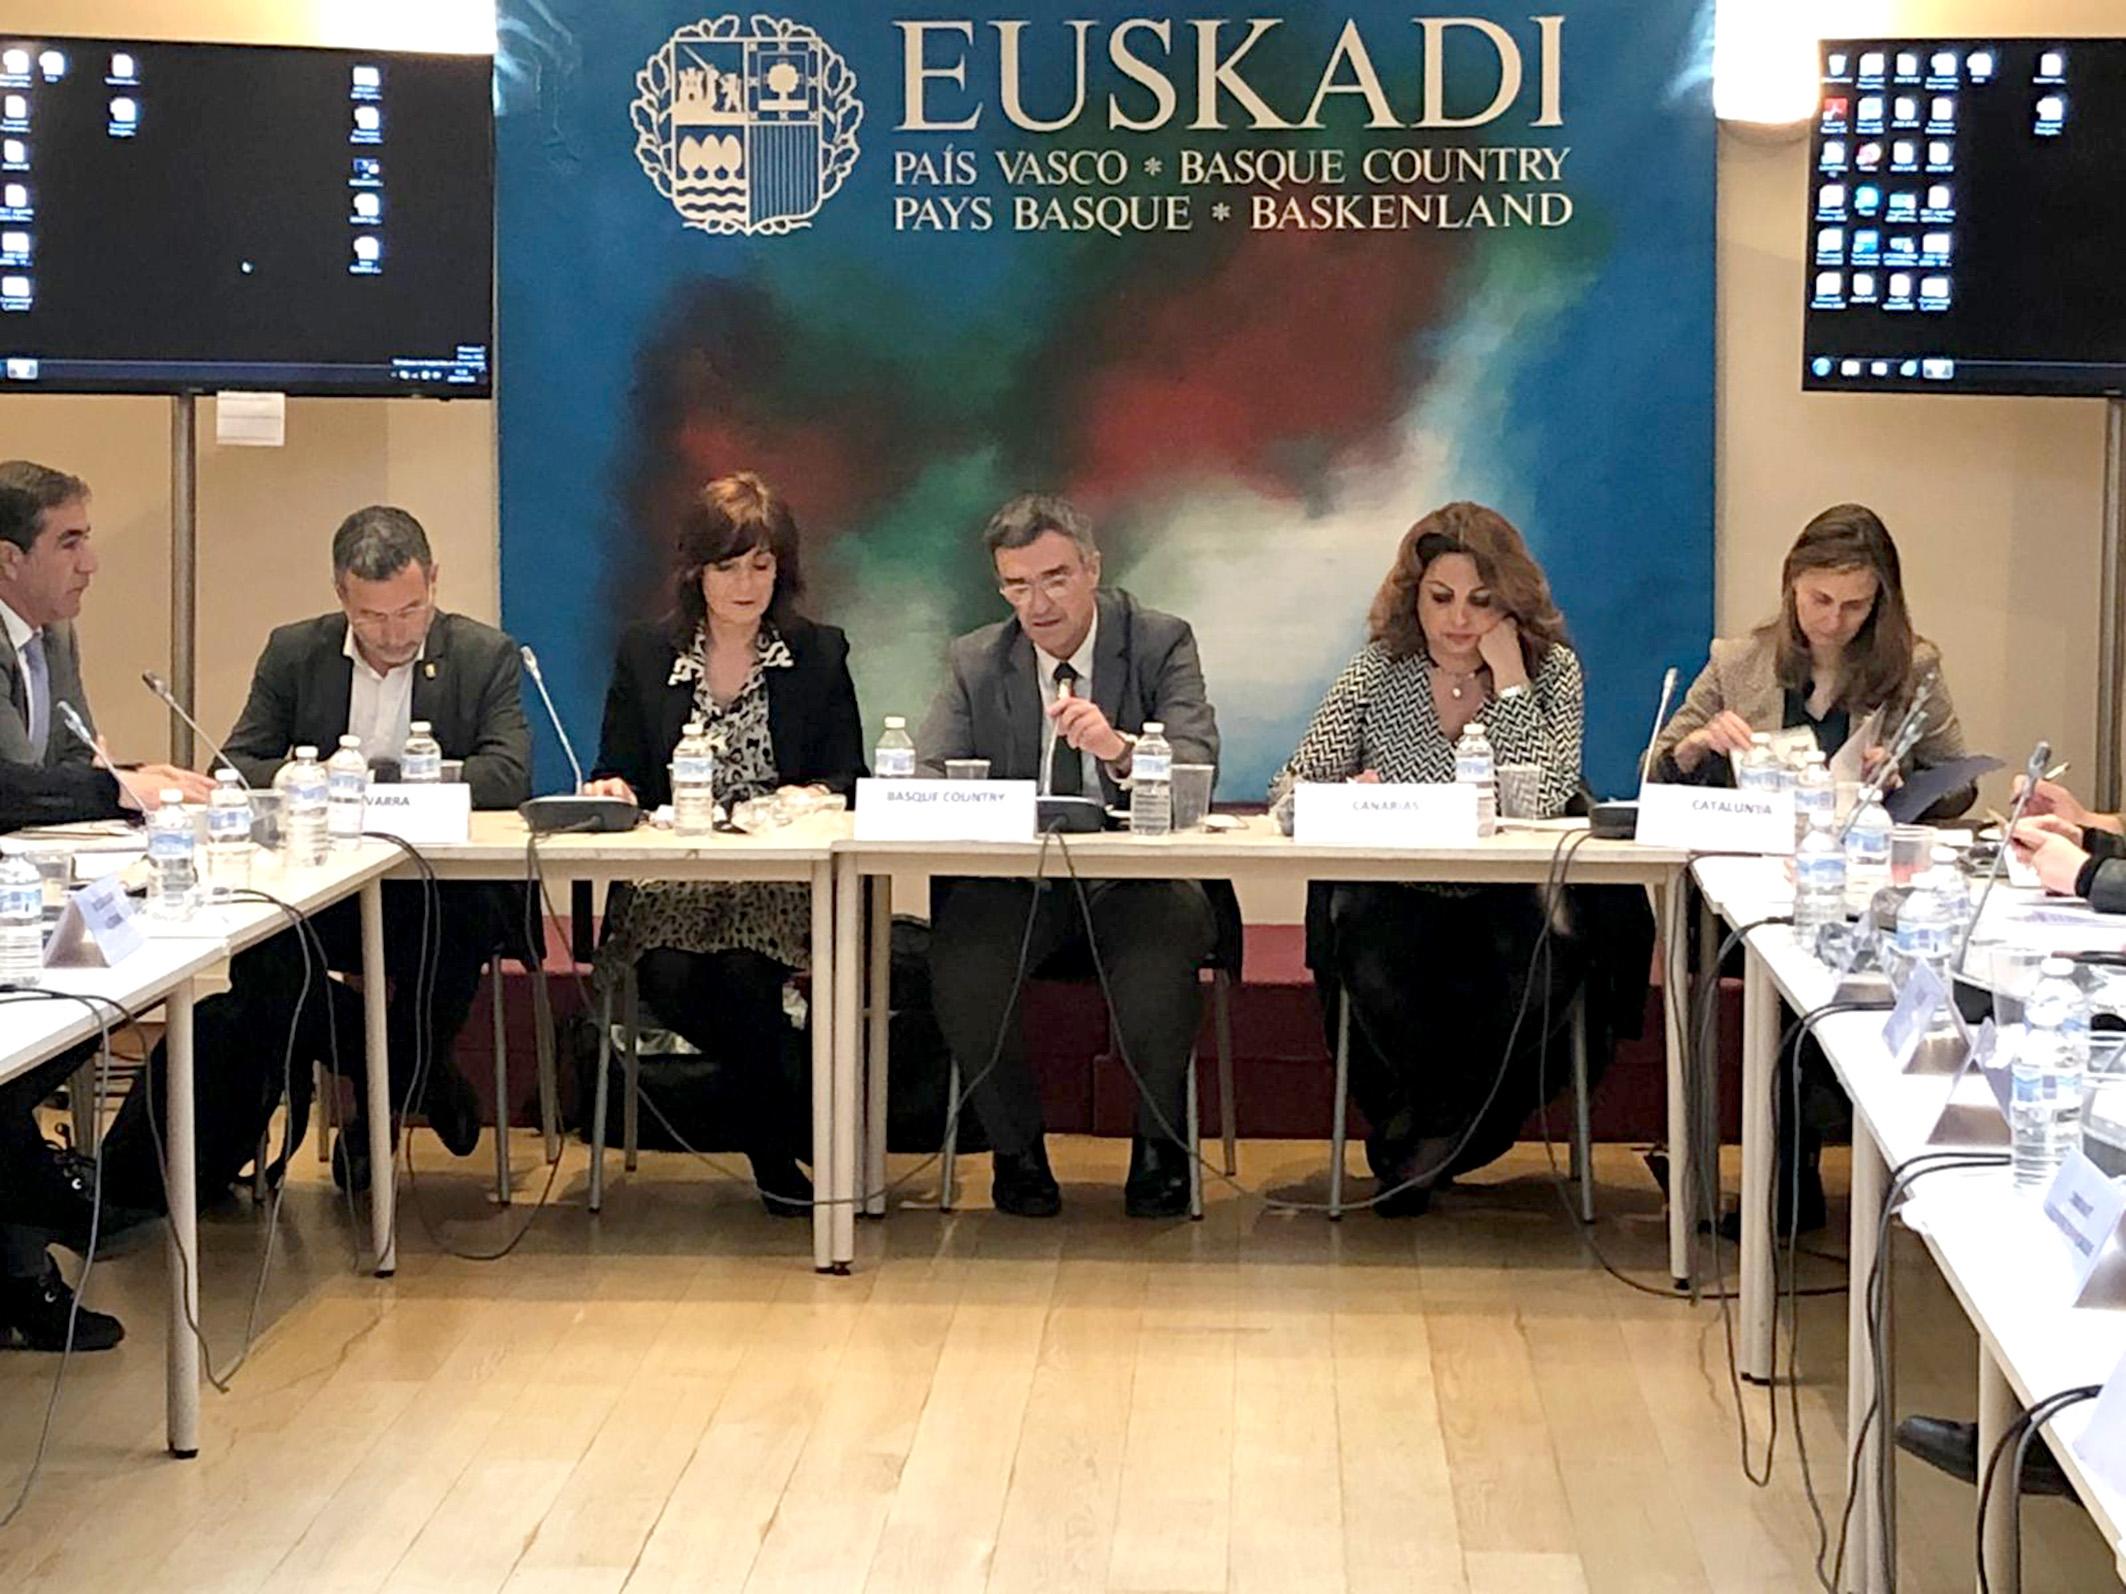 Canarias ha participado en Bruselas en la reunión organizada en la sede del Gobierno de Euskadi y junto a Cataluña, Navarra, Melilla, Andalucía, Castilla La Mancha, Valencia y Murcia sobre la Propuesta SHARE